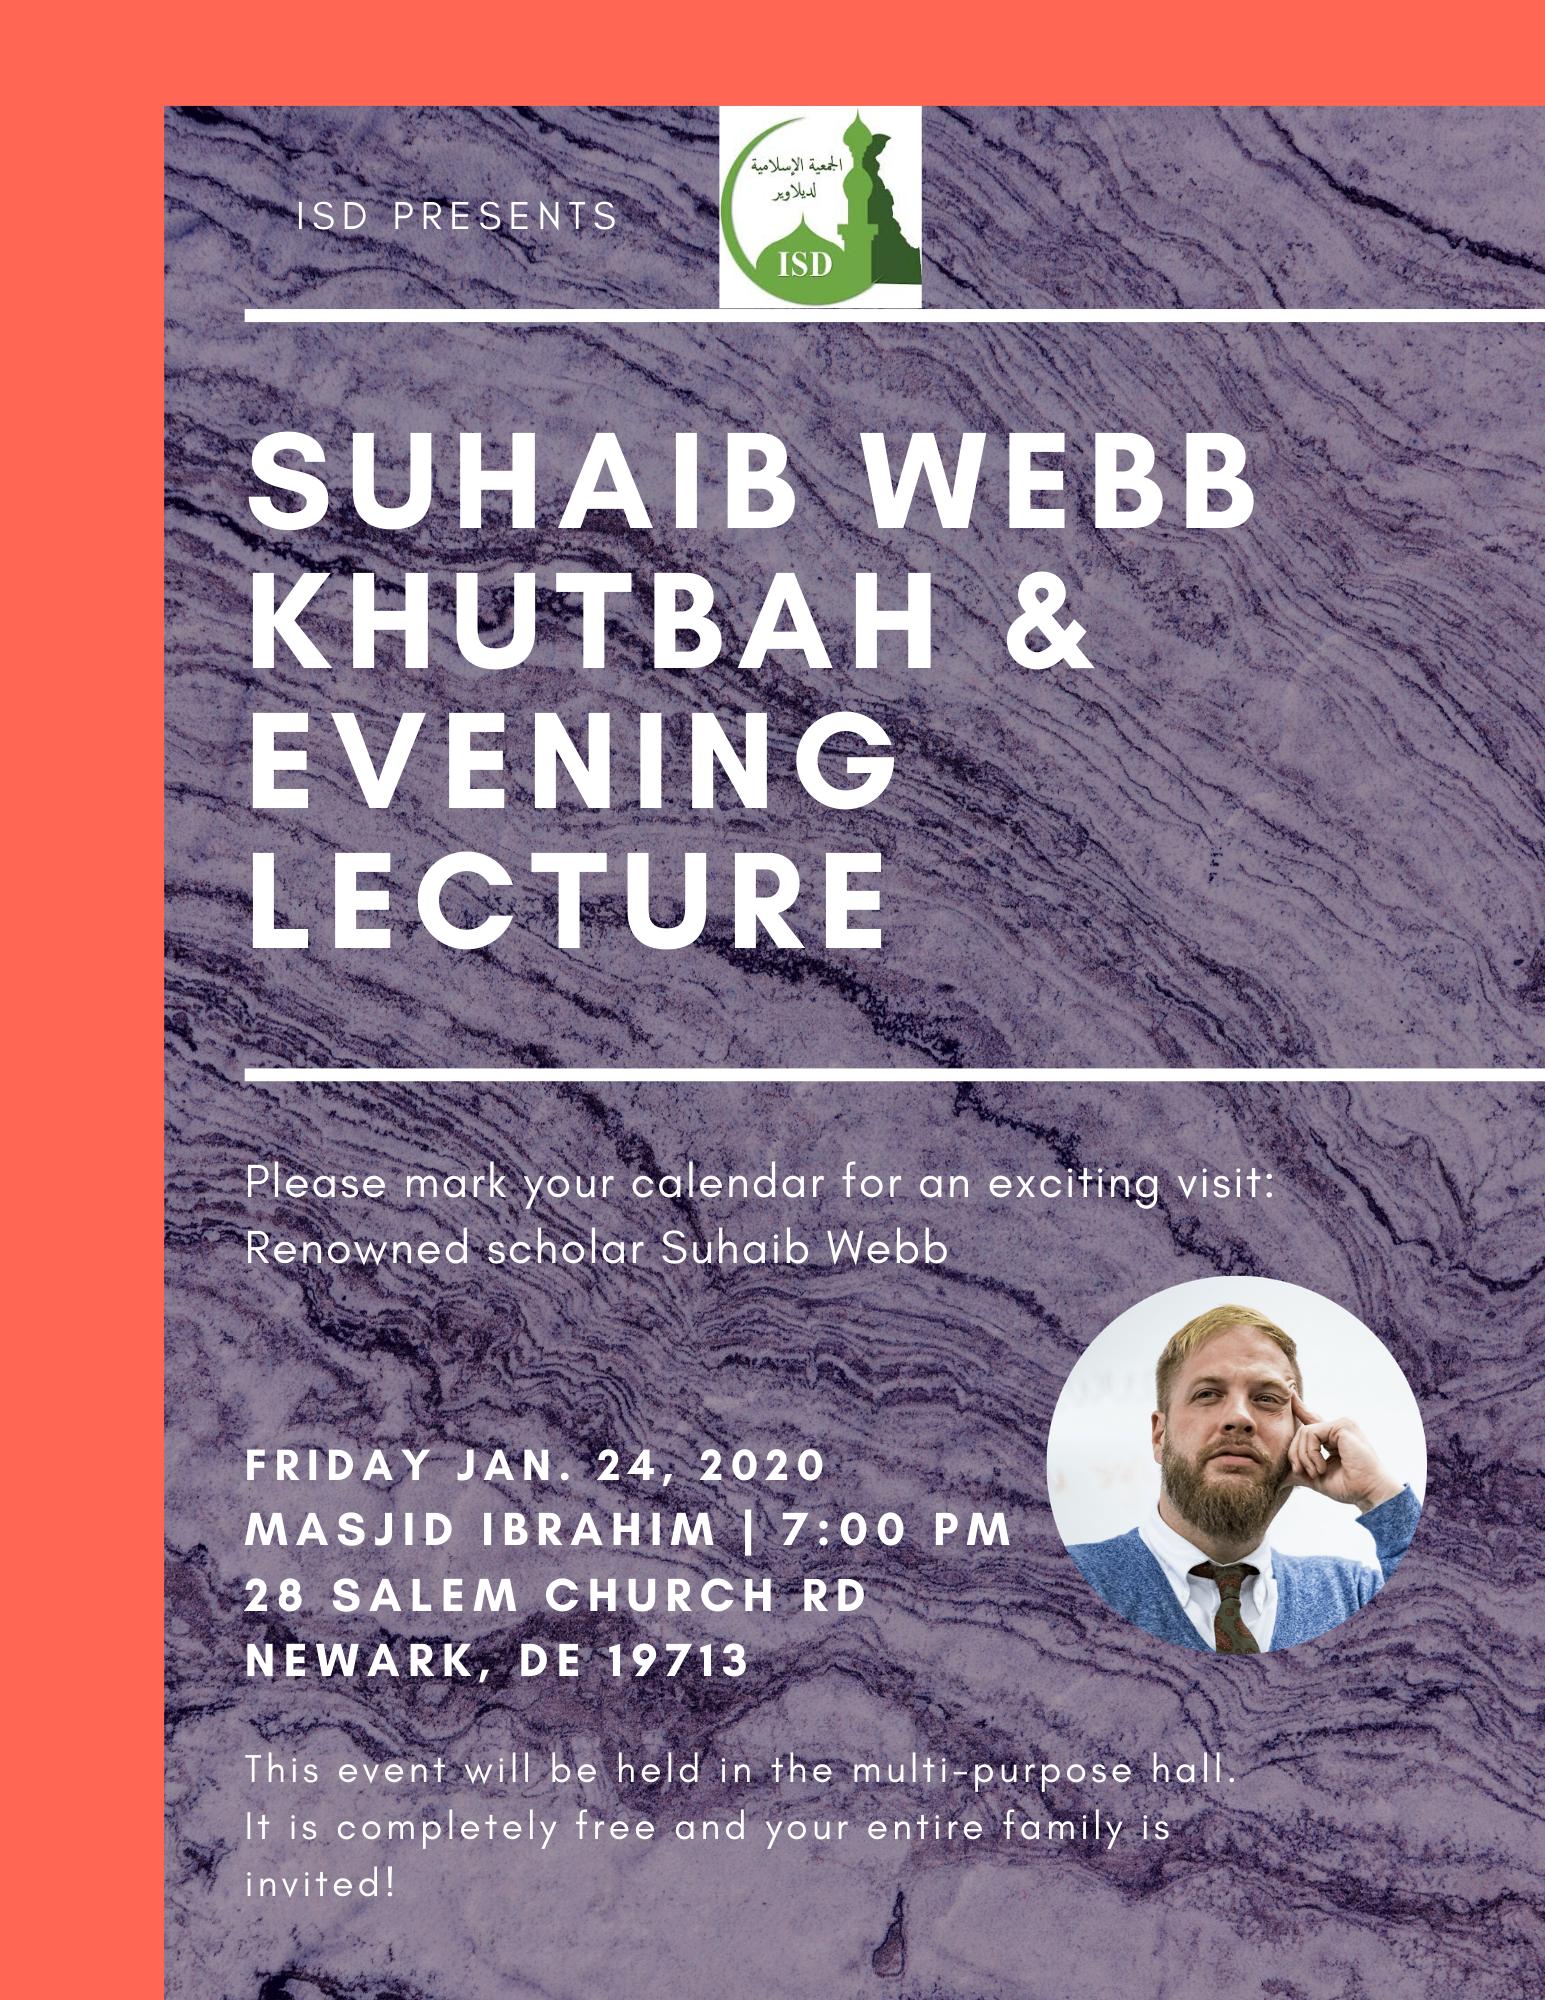 Imam Suhaib Webb at ISD